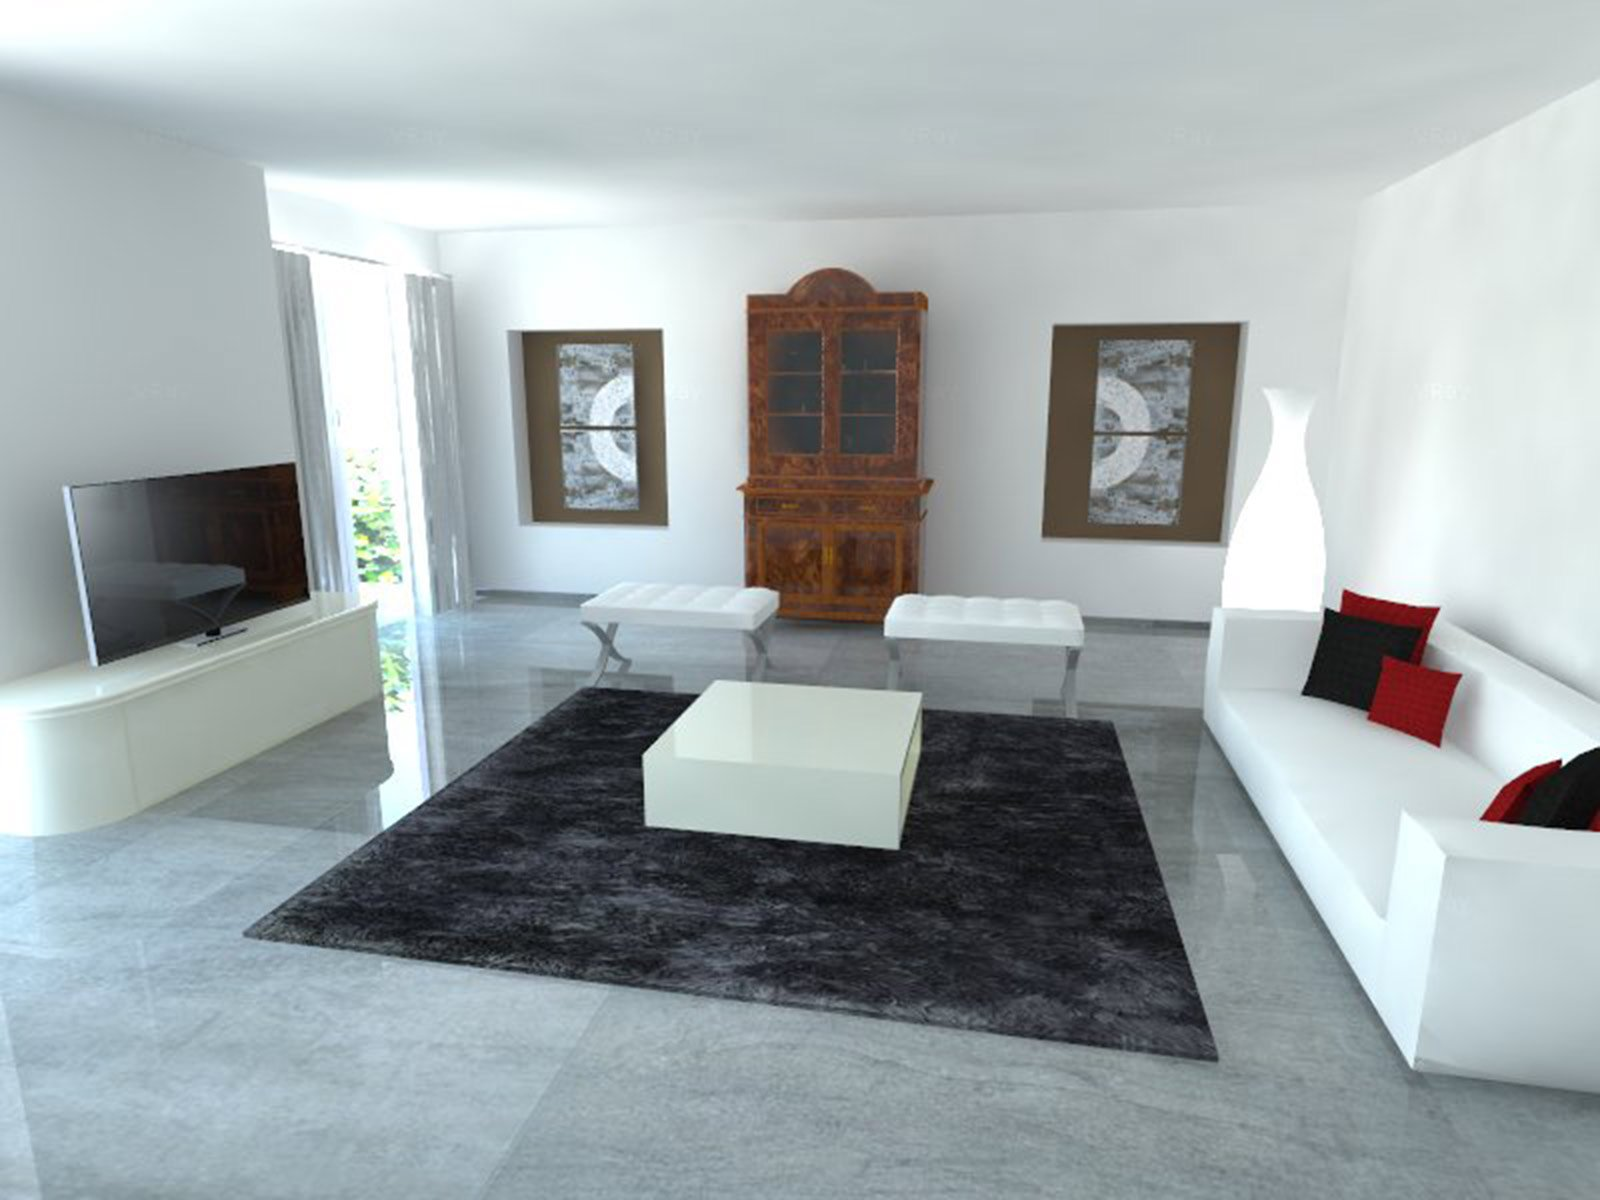 Mobile antico o in stile come inserirlo in un contesto for Disegni di casa italiana moderna